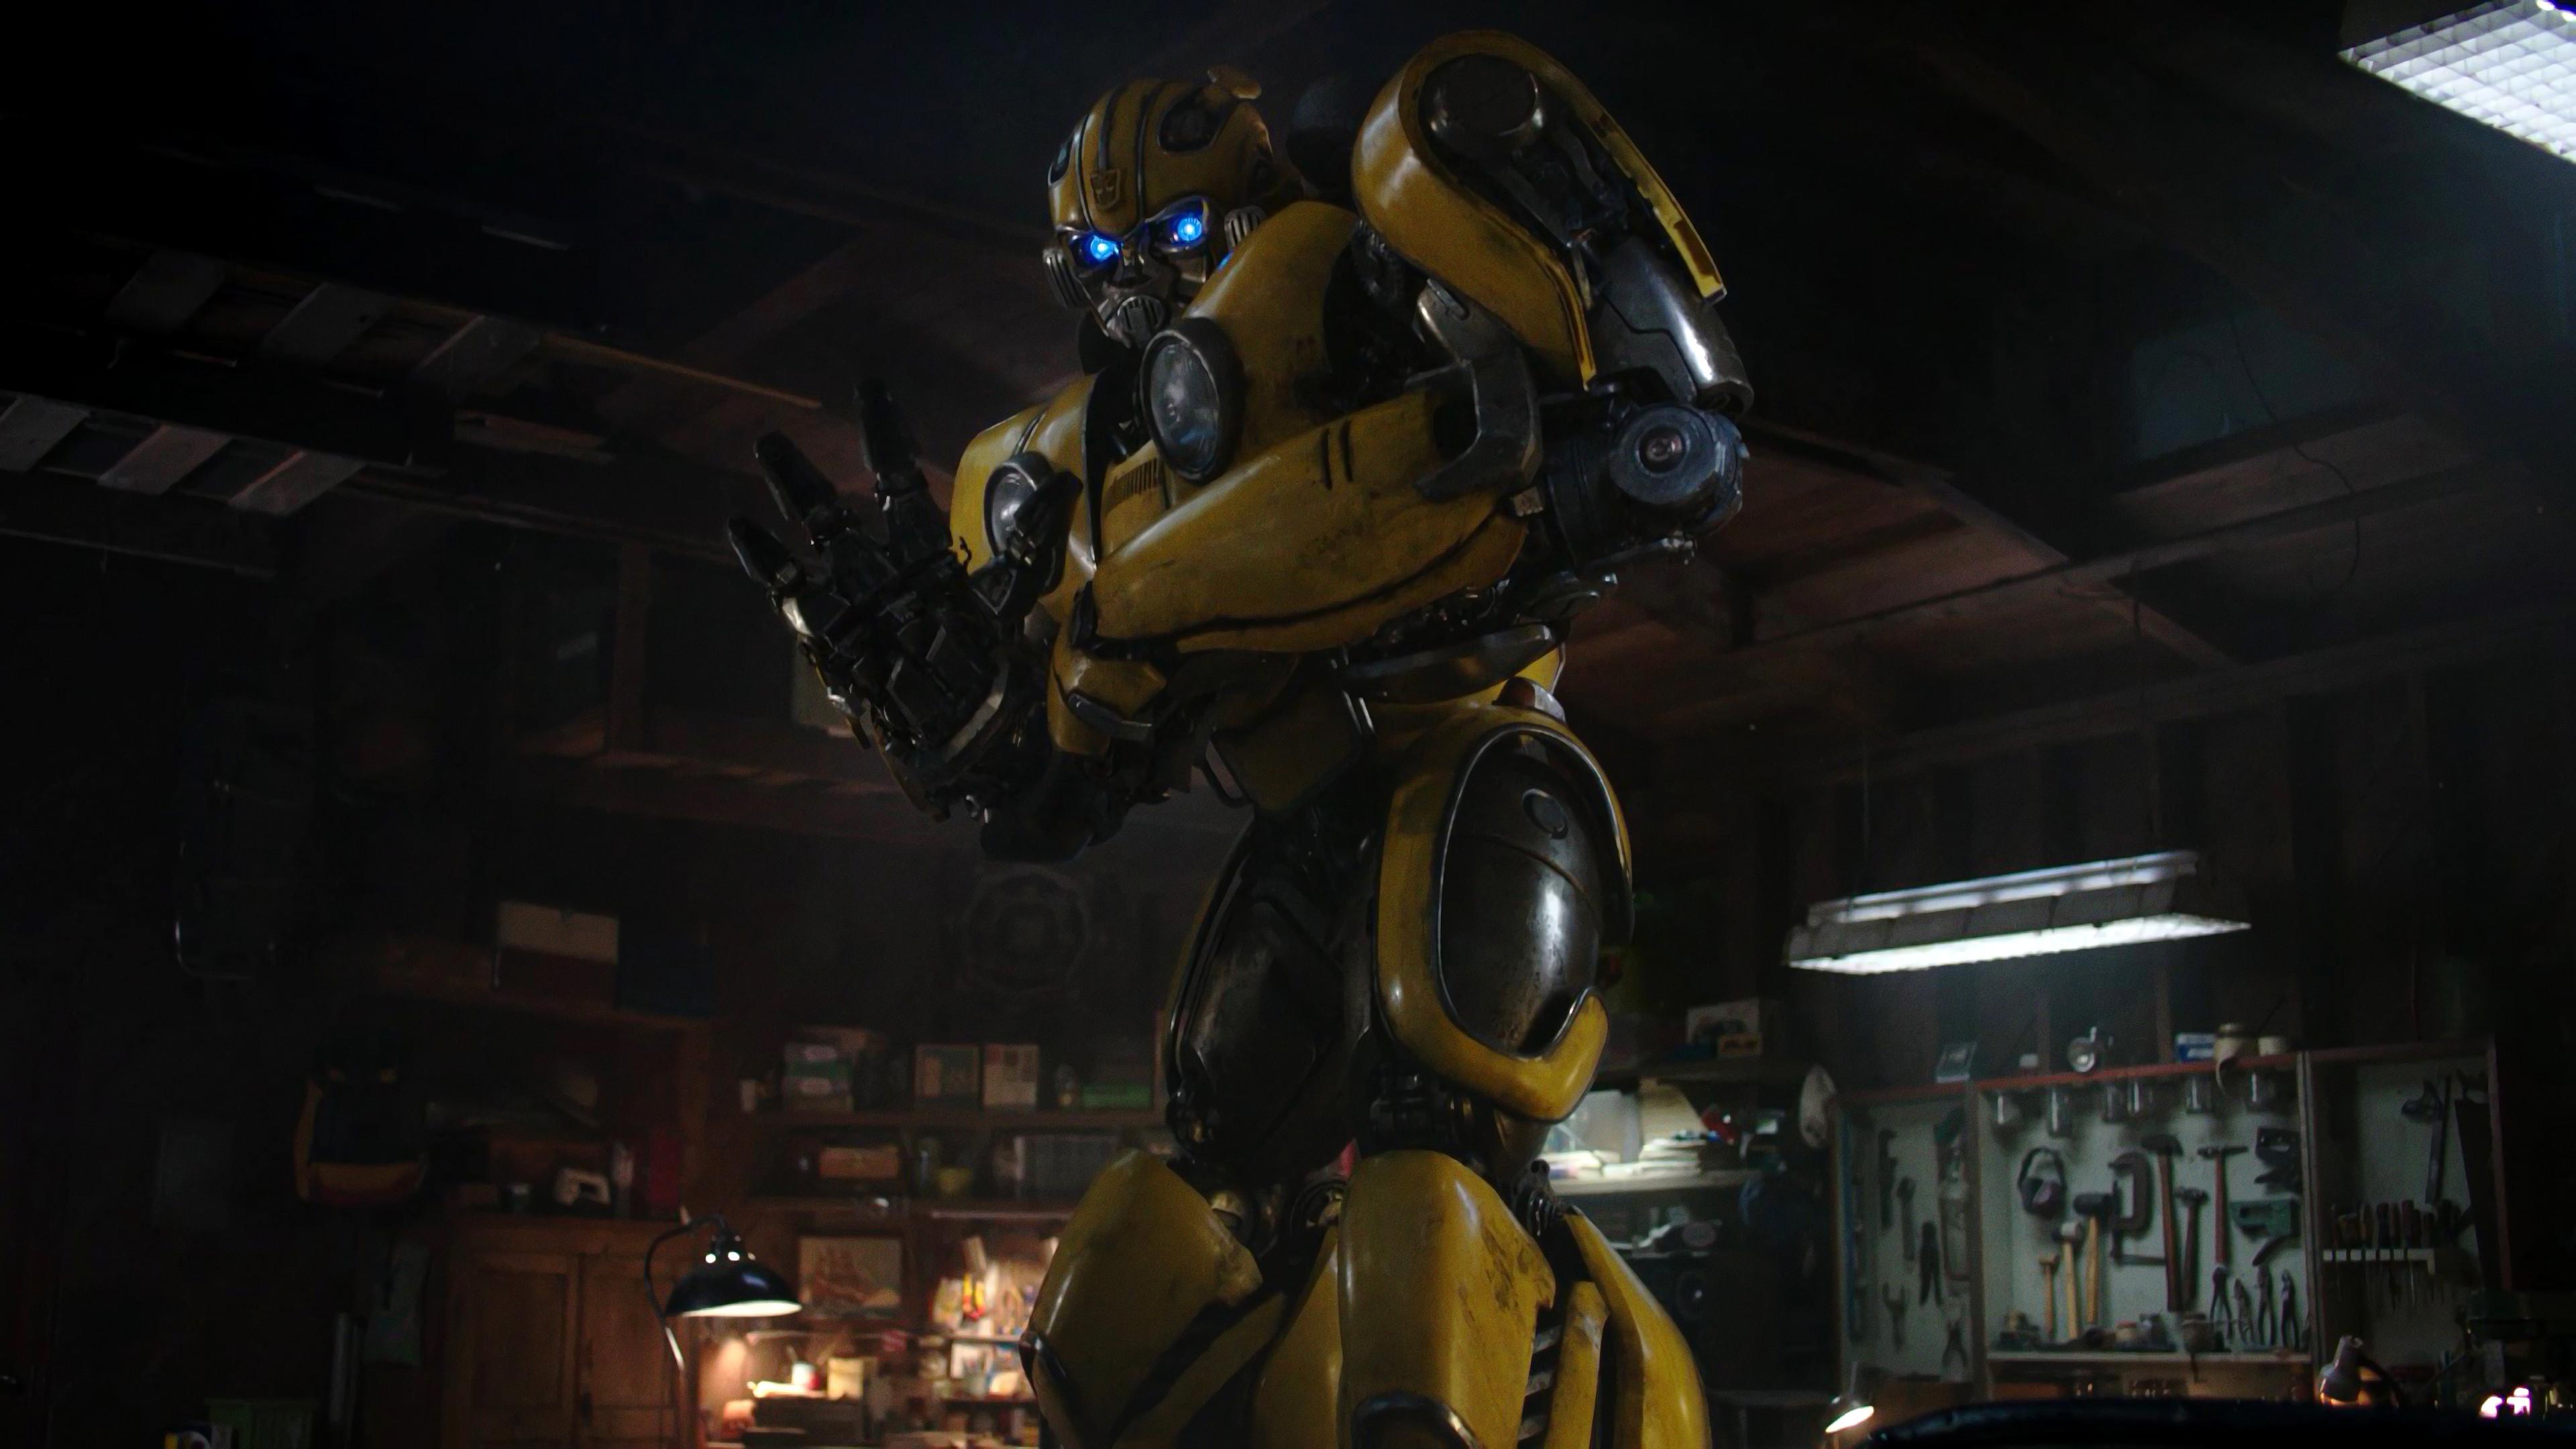 bumblebee-movie-4k-2018-s0.jpg